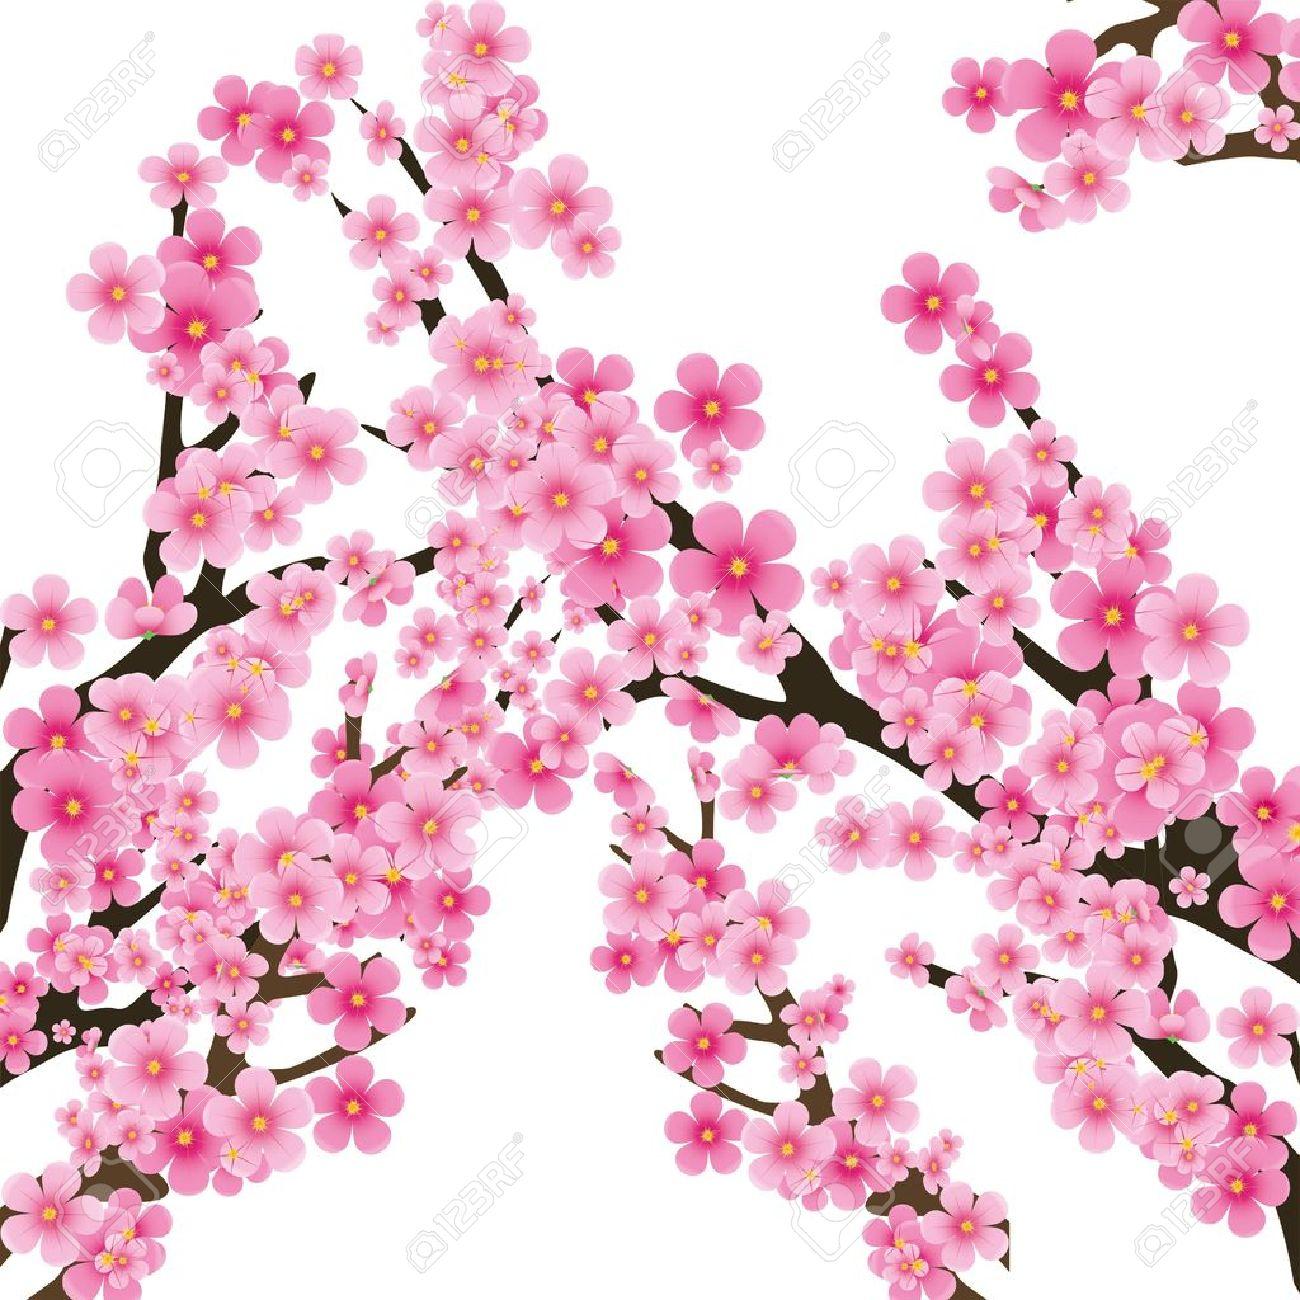 Cherry Blossom clipart sakura flower #4 - Sakura Flower PNG HD